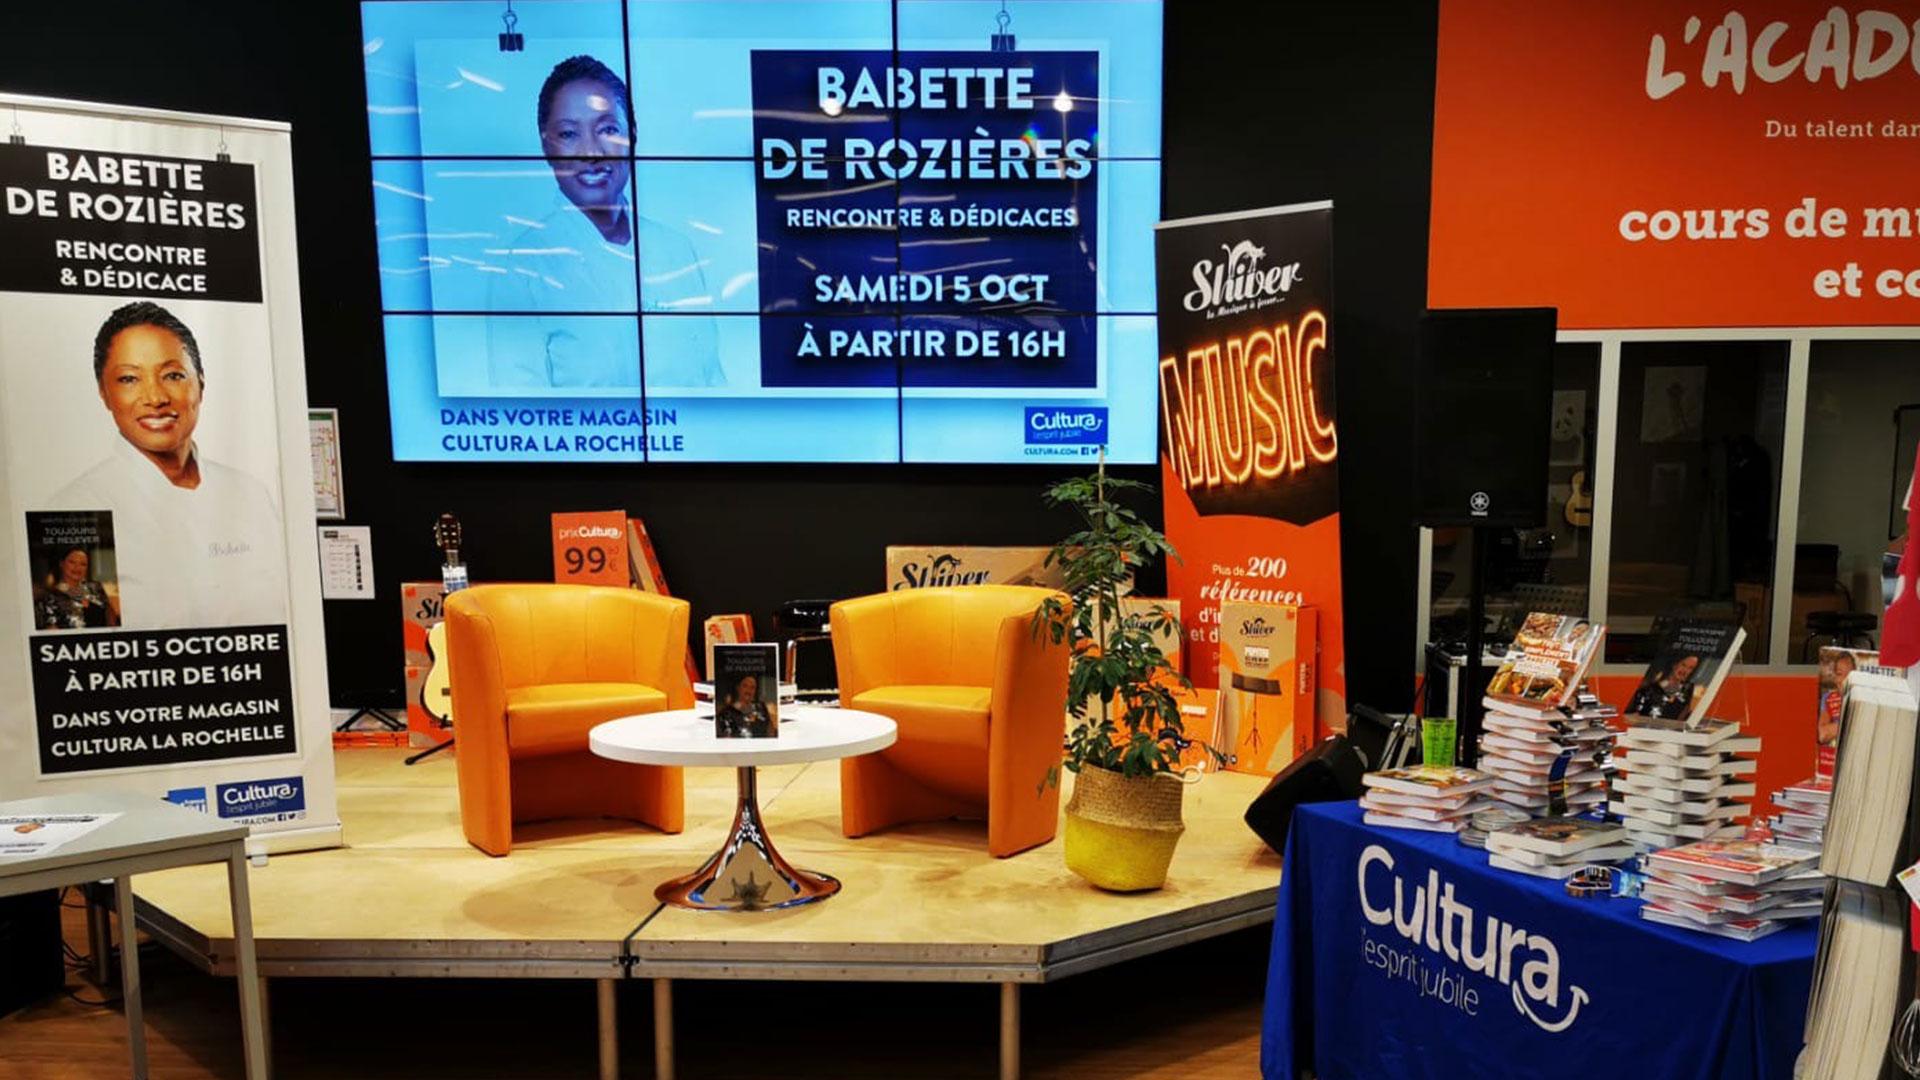 Babette De Rozieres 1